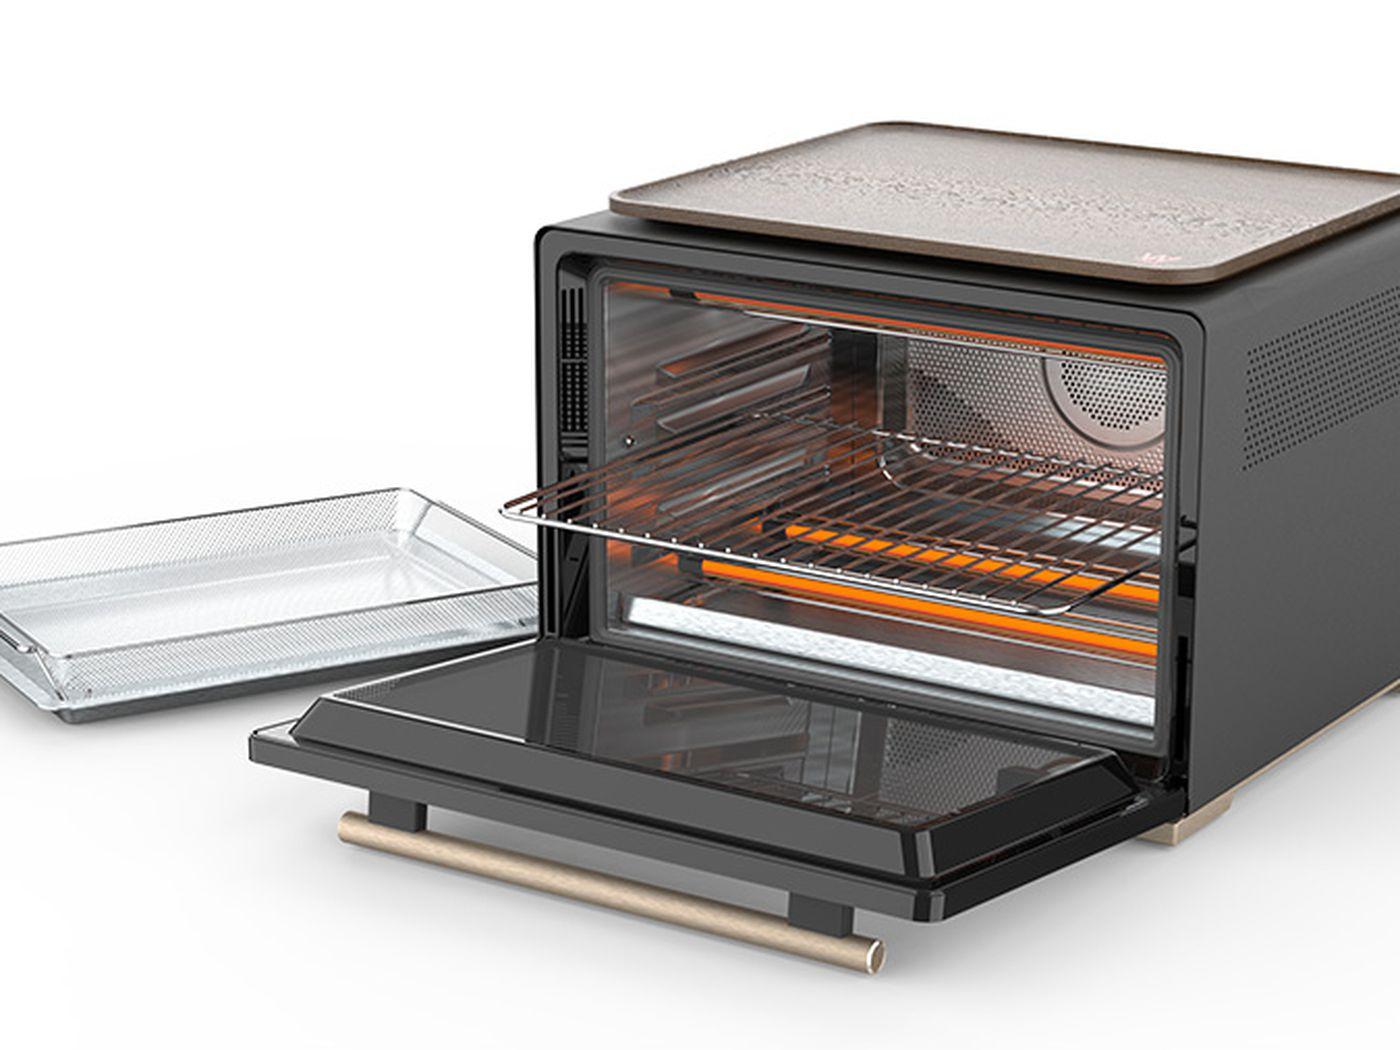 whirlpool s smart oven identifies your